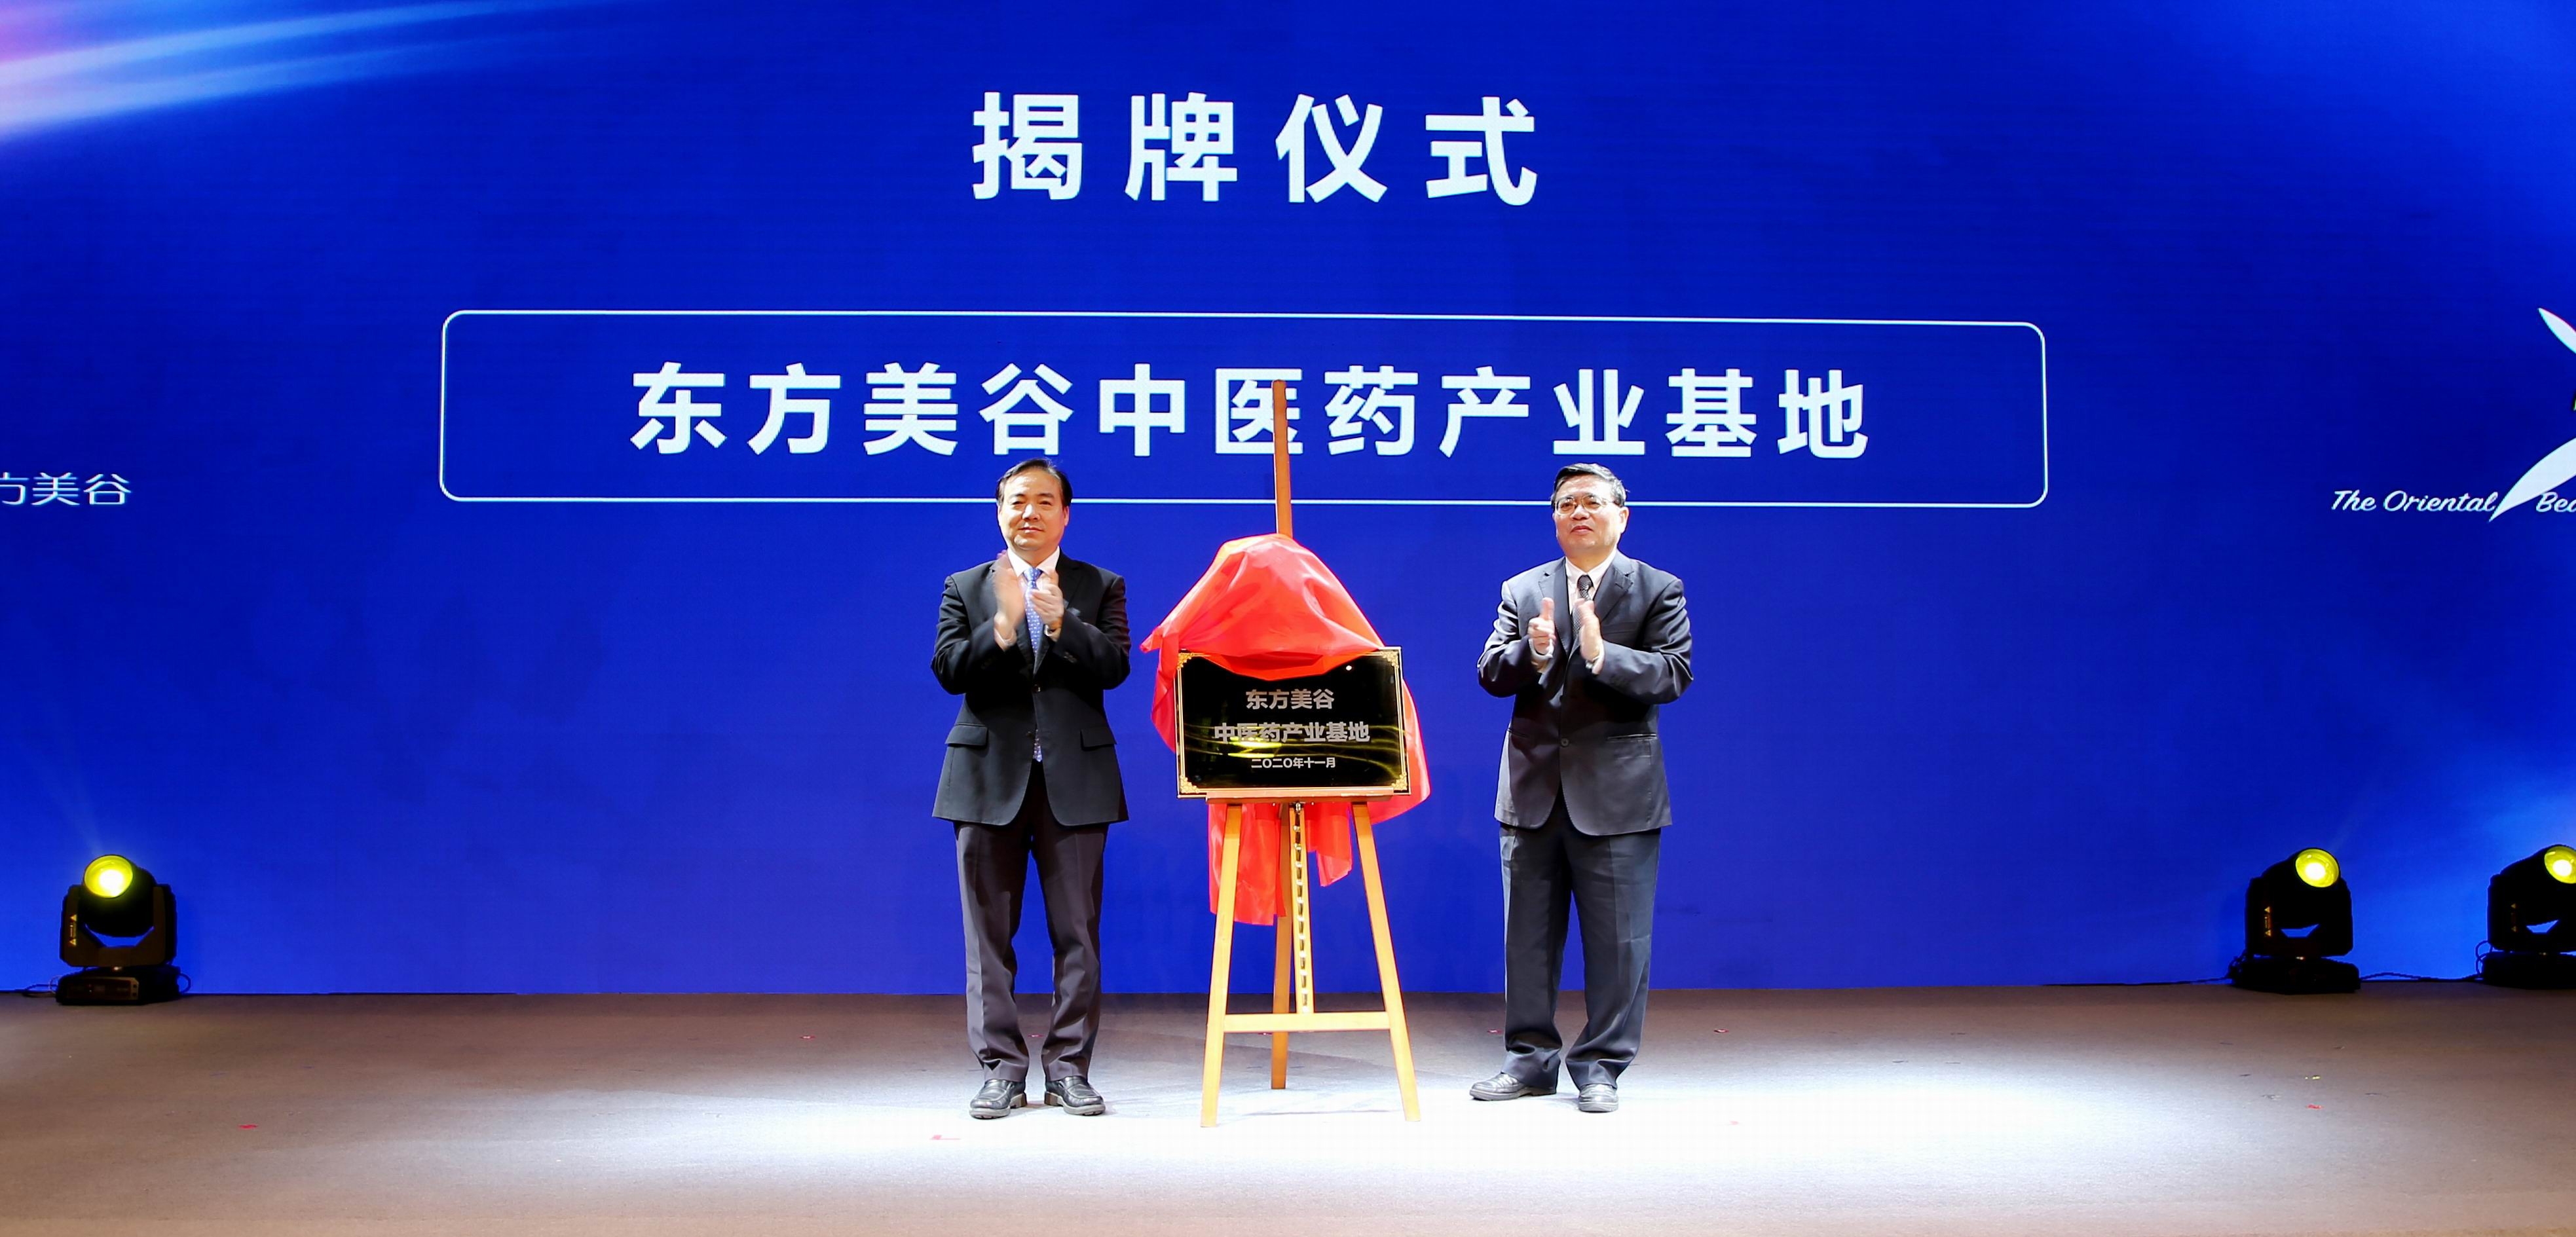 """2、蒋卓庆、庄木弟共同为""""东方美谷中医药产业基地""""揭牌。"""